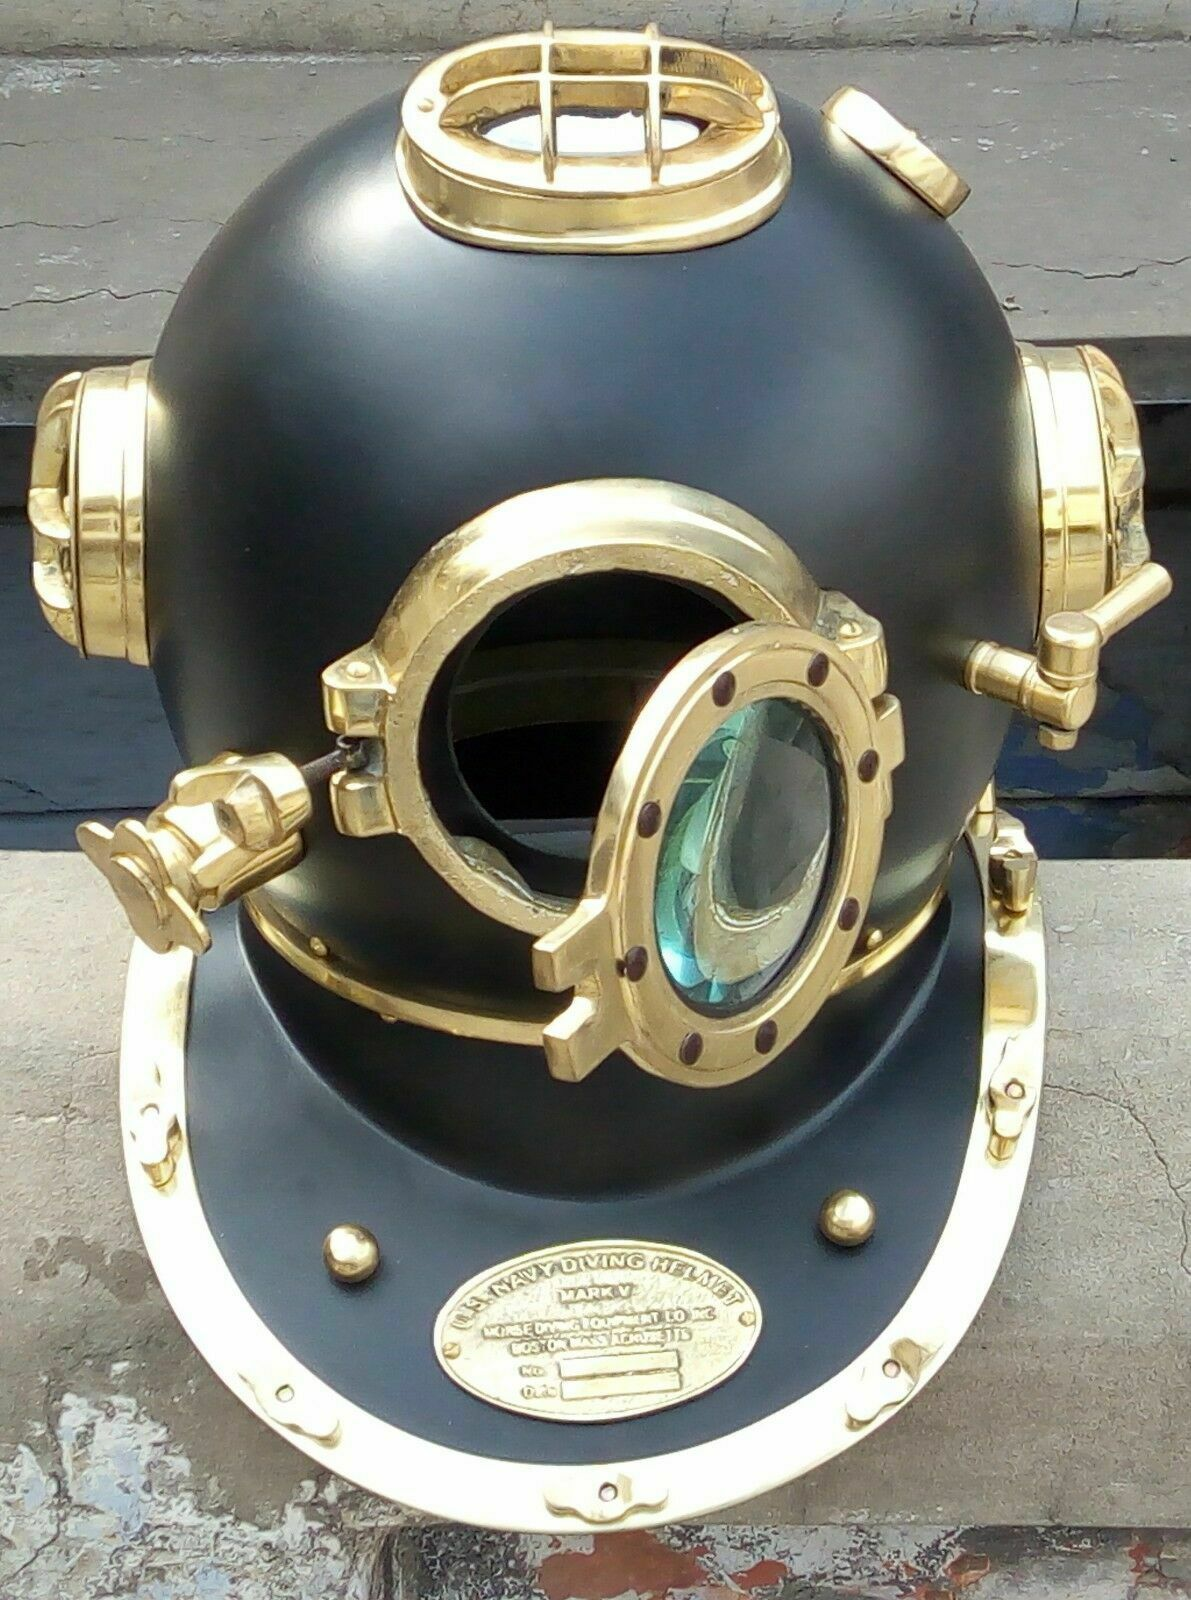 Antique Finished U.S. NAVY Mark V Diving Helmet